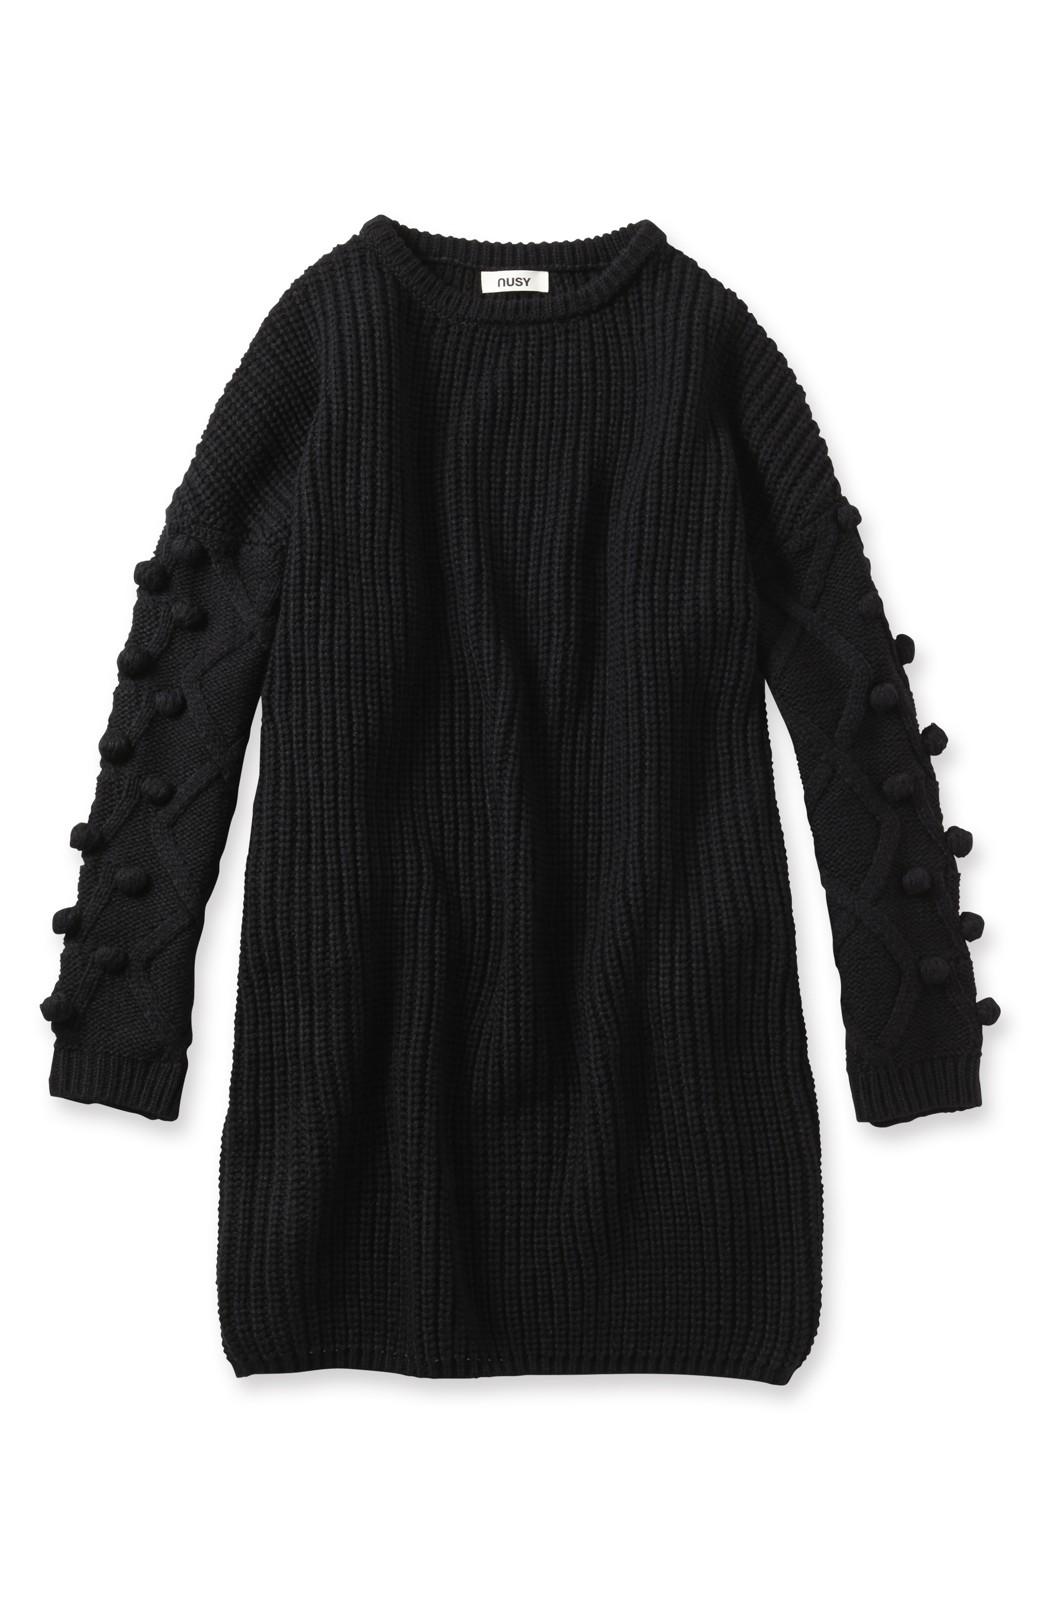 nusy パプコーン編みがかわいい おしゃれニットワンピ <ブラック>の商品写真1